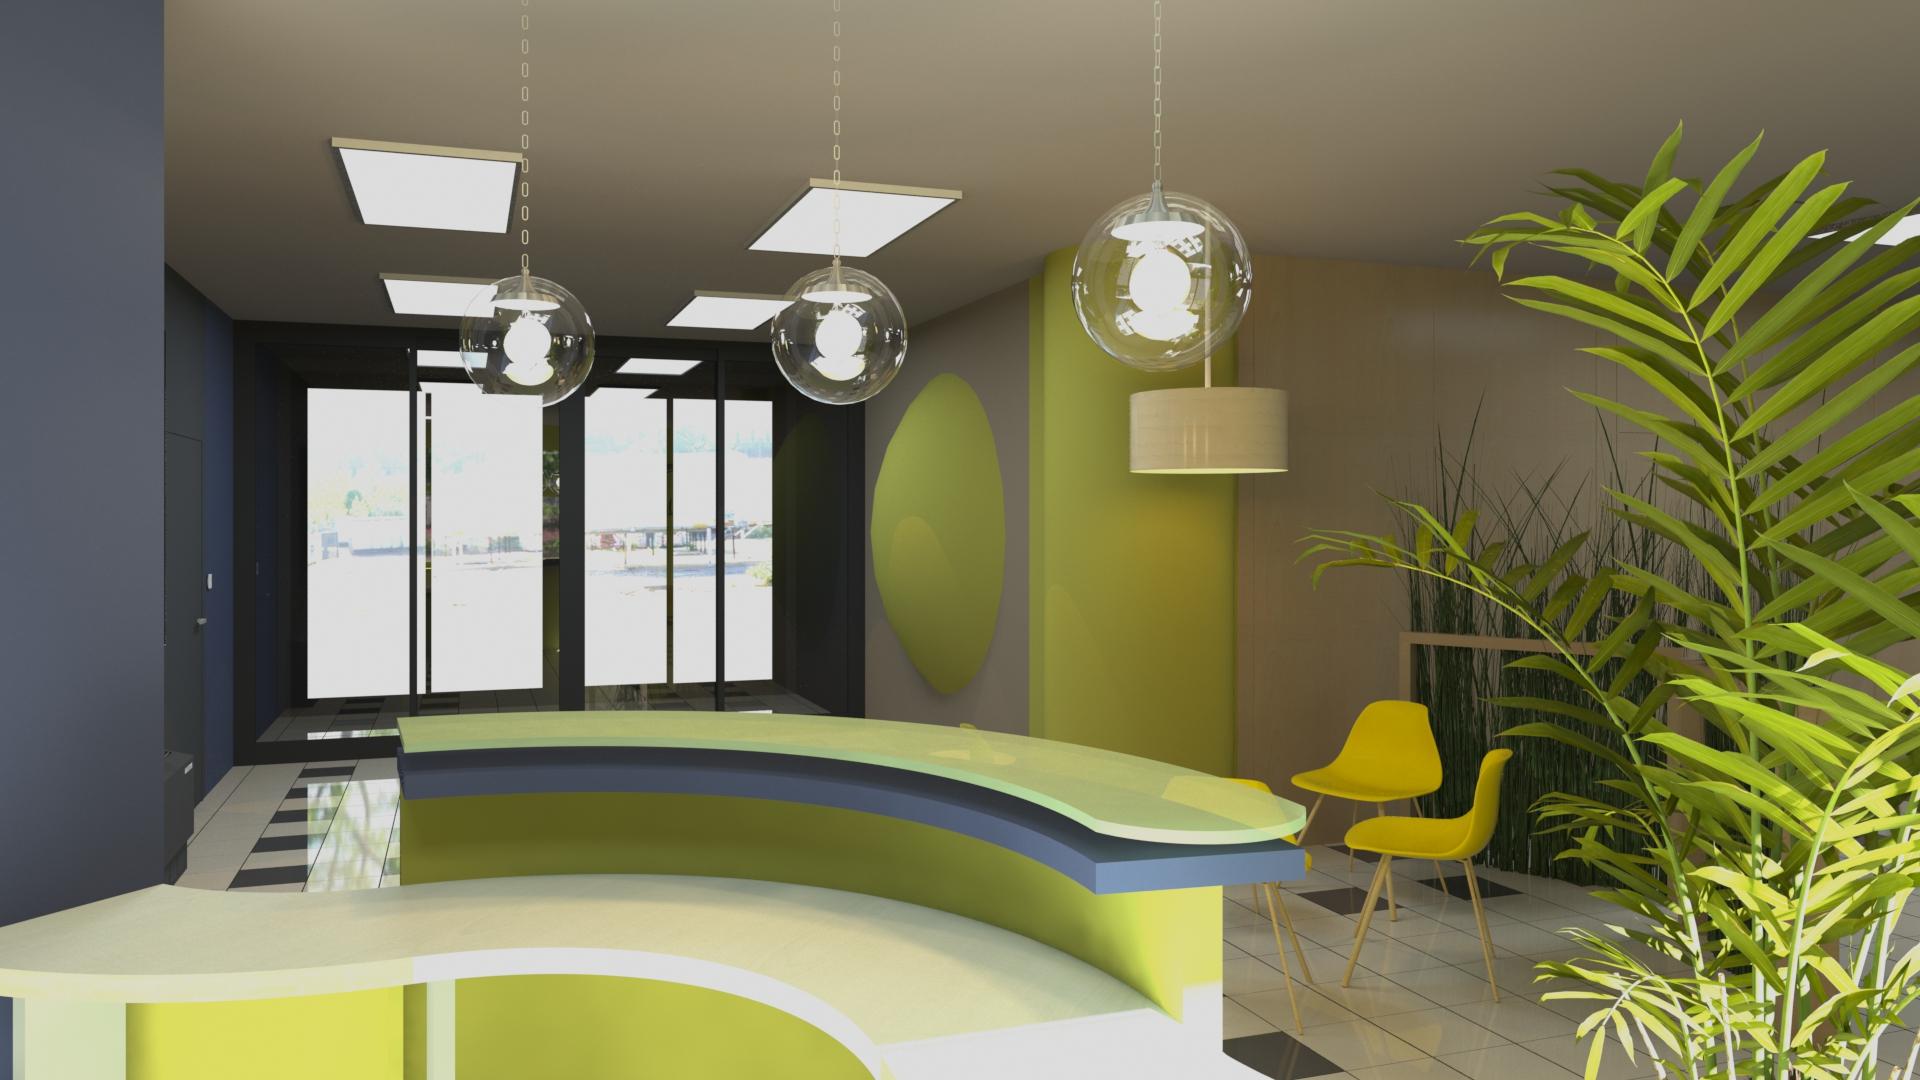 herv iniguez propos de la simulation 3d sur france bleu touraine. Black Bedroom Furniture Sets. Home Design Ideas